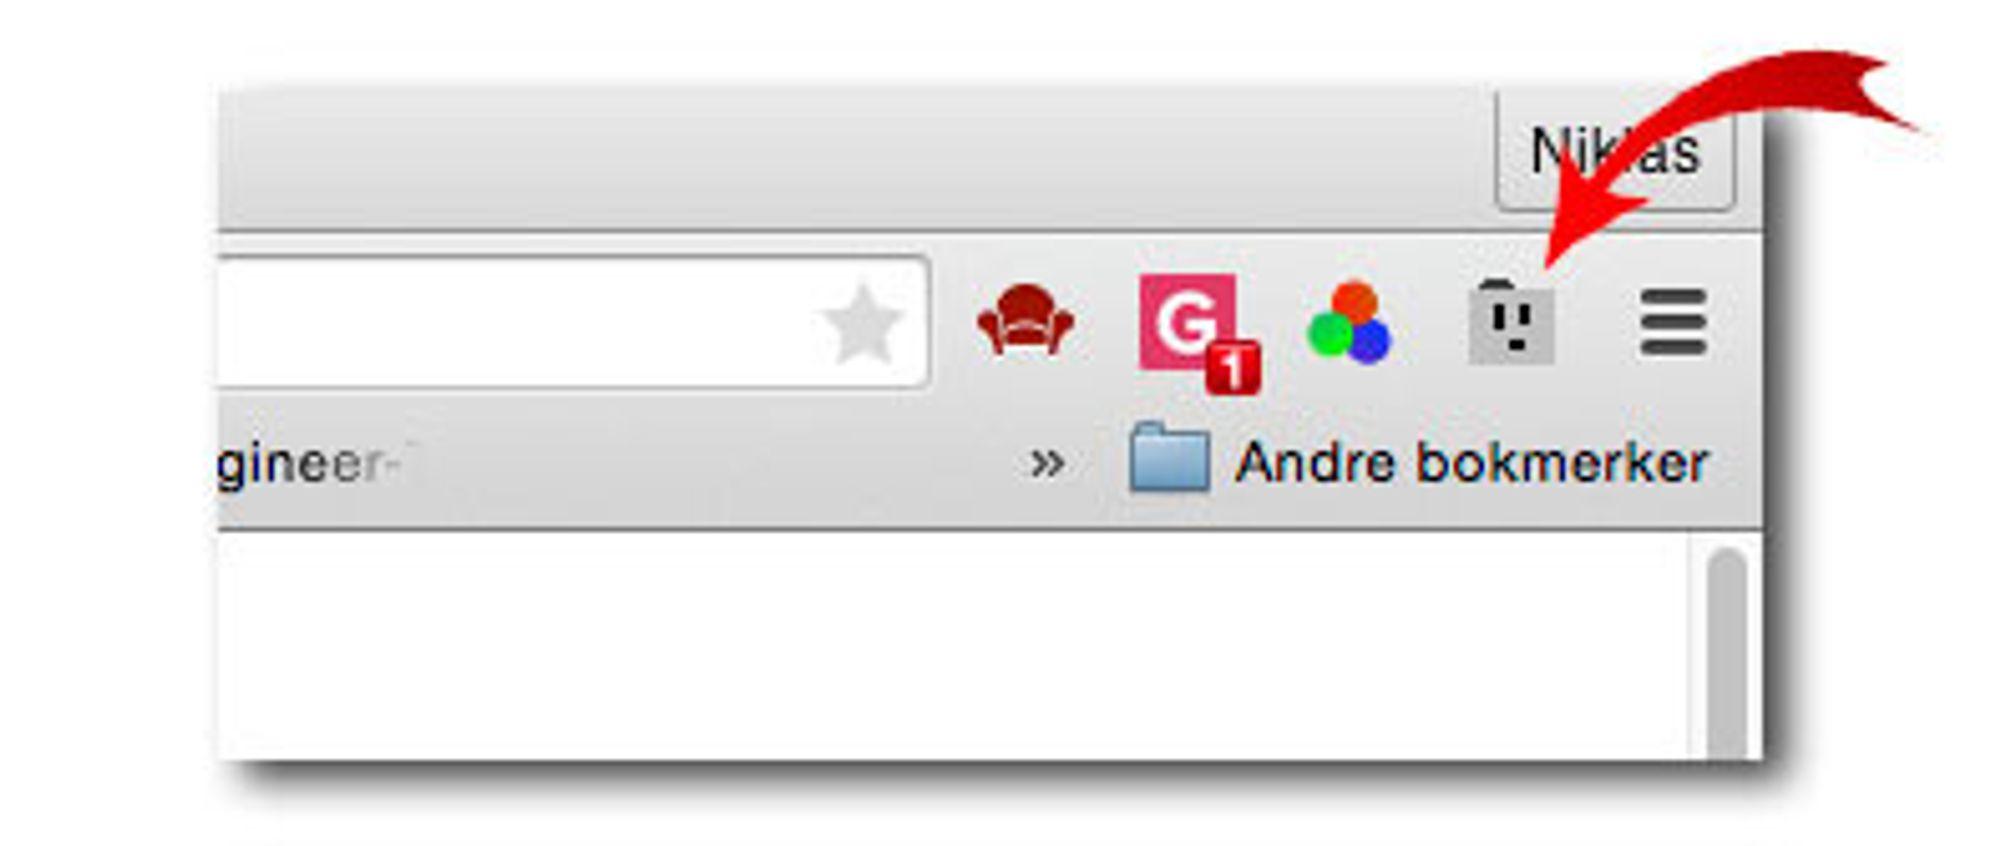 Sånn ser ikonet ut.